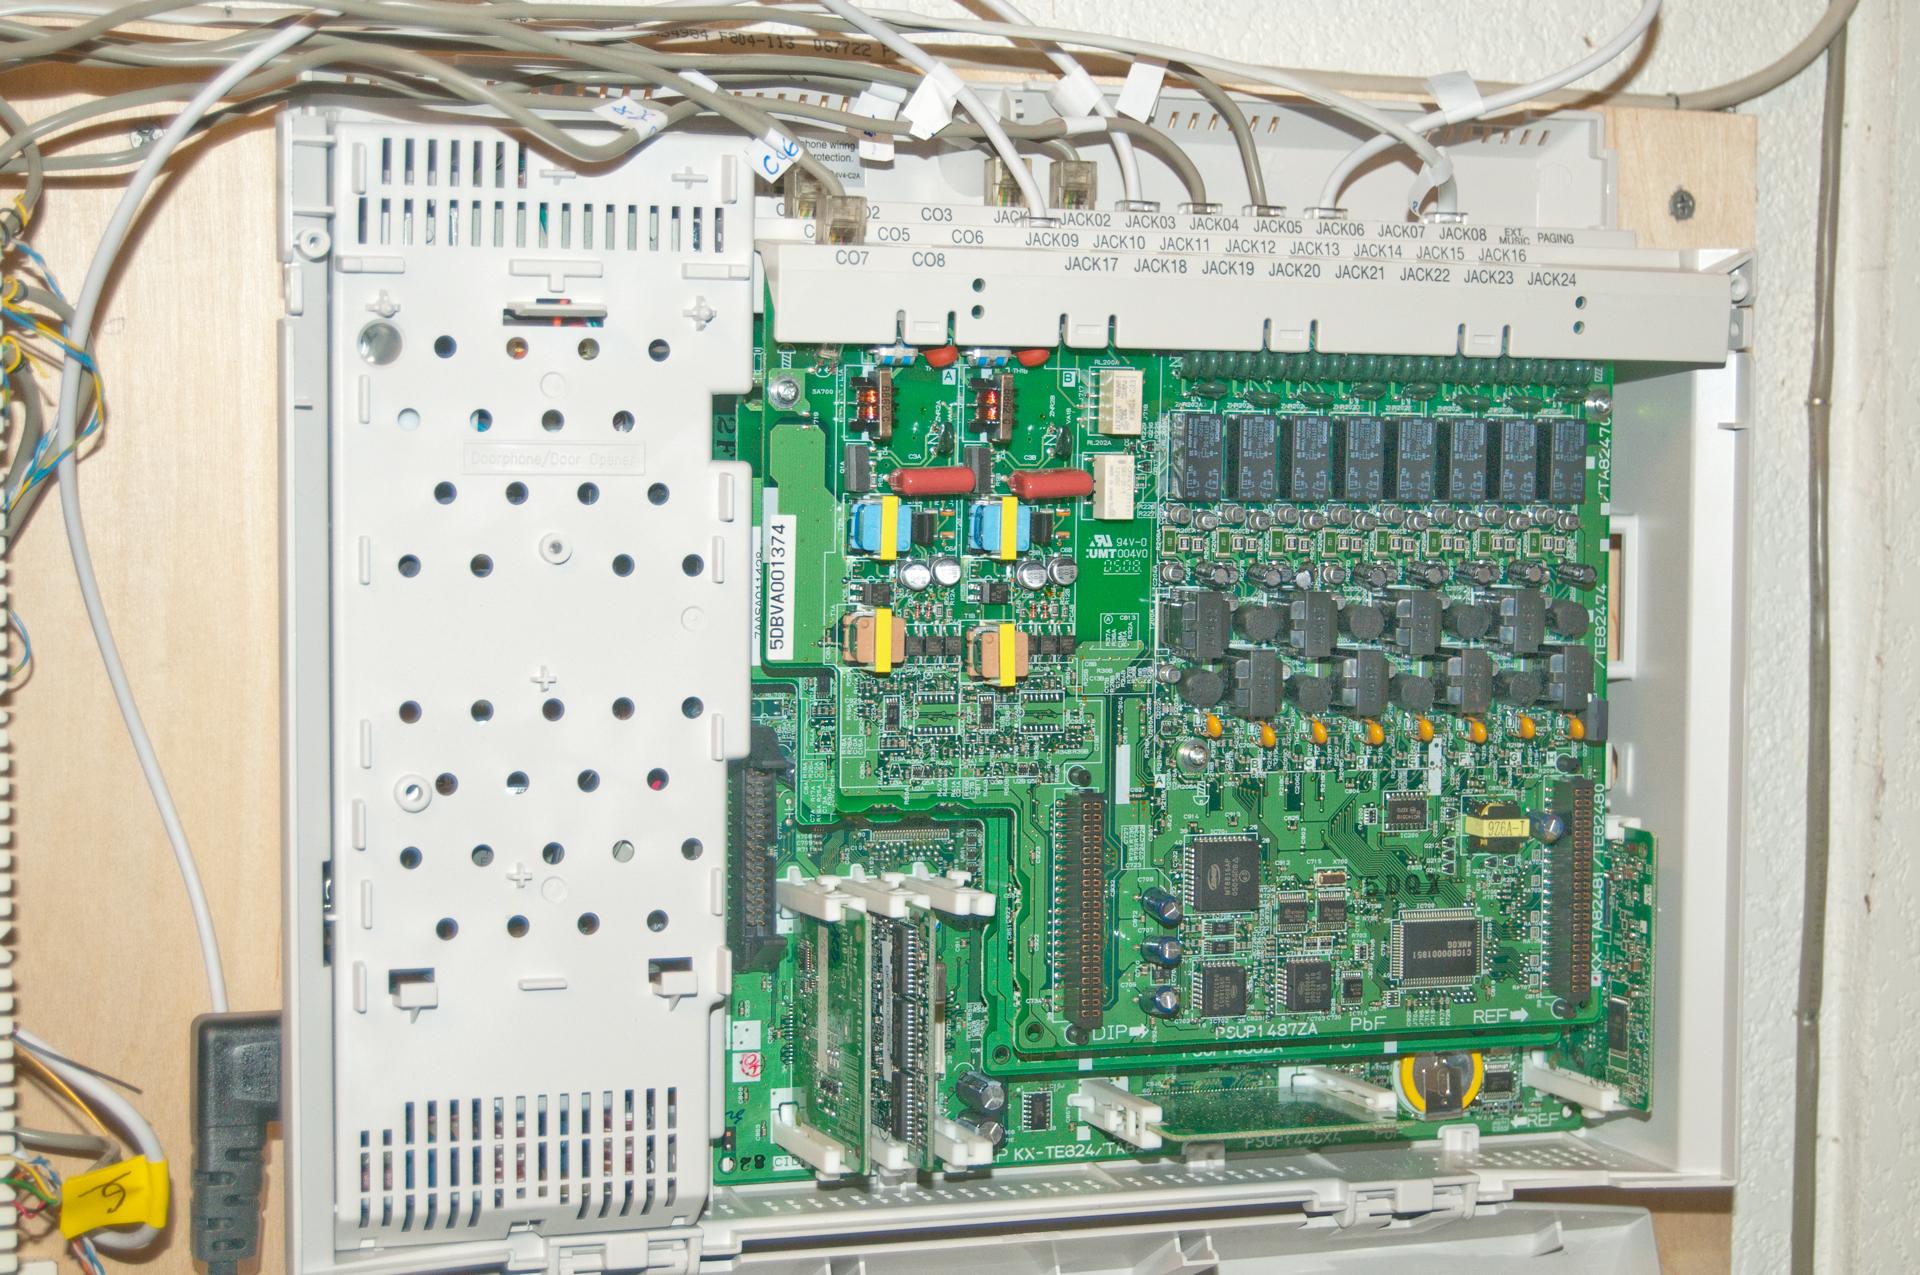 hight resolution of panasonic phone system wiring wiring diagram hub panasonic home theater panasonic kx ta824 telephone system panasonic